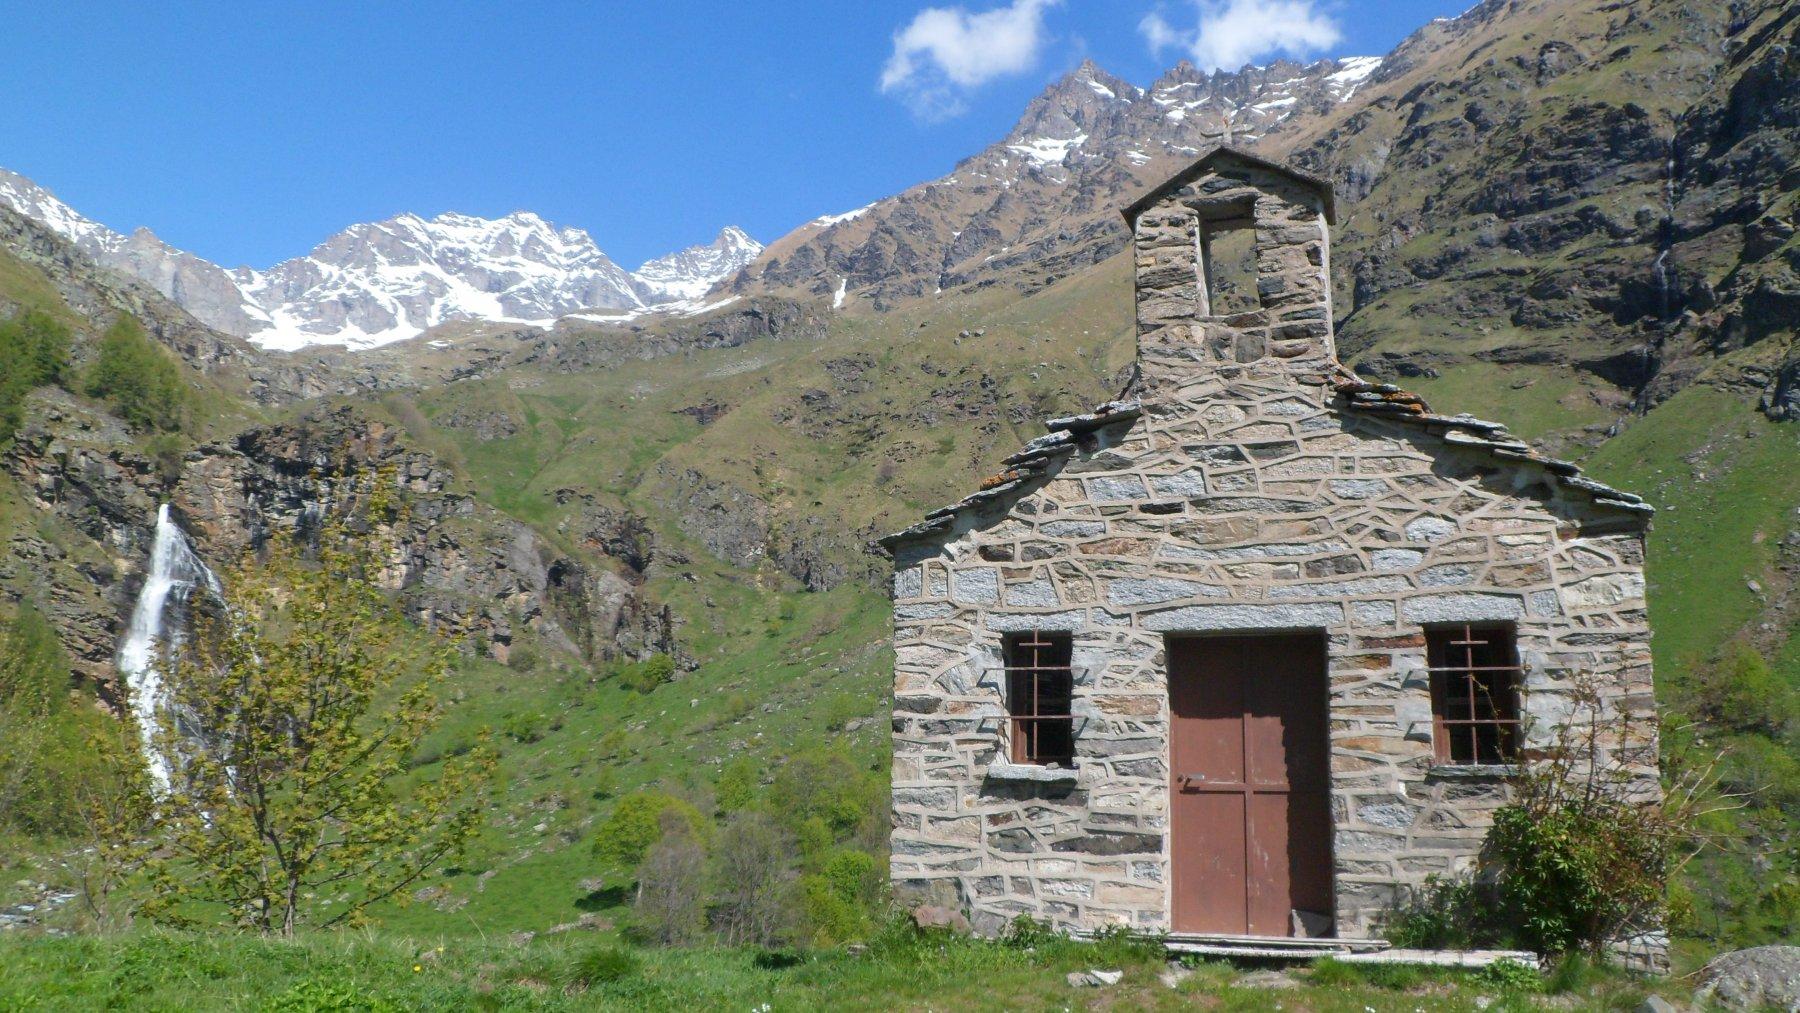 Chiesa a Borgo Vecchio - la cascata del Roc, i Denti del Broglio e la Becca di Monciair